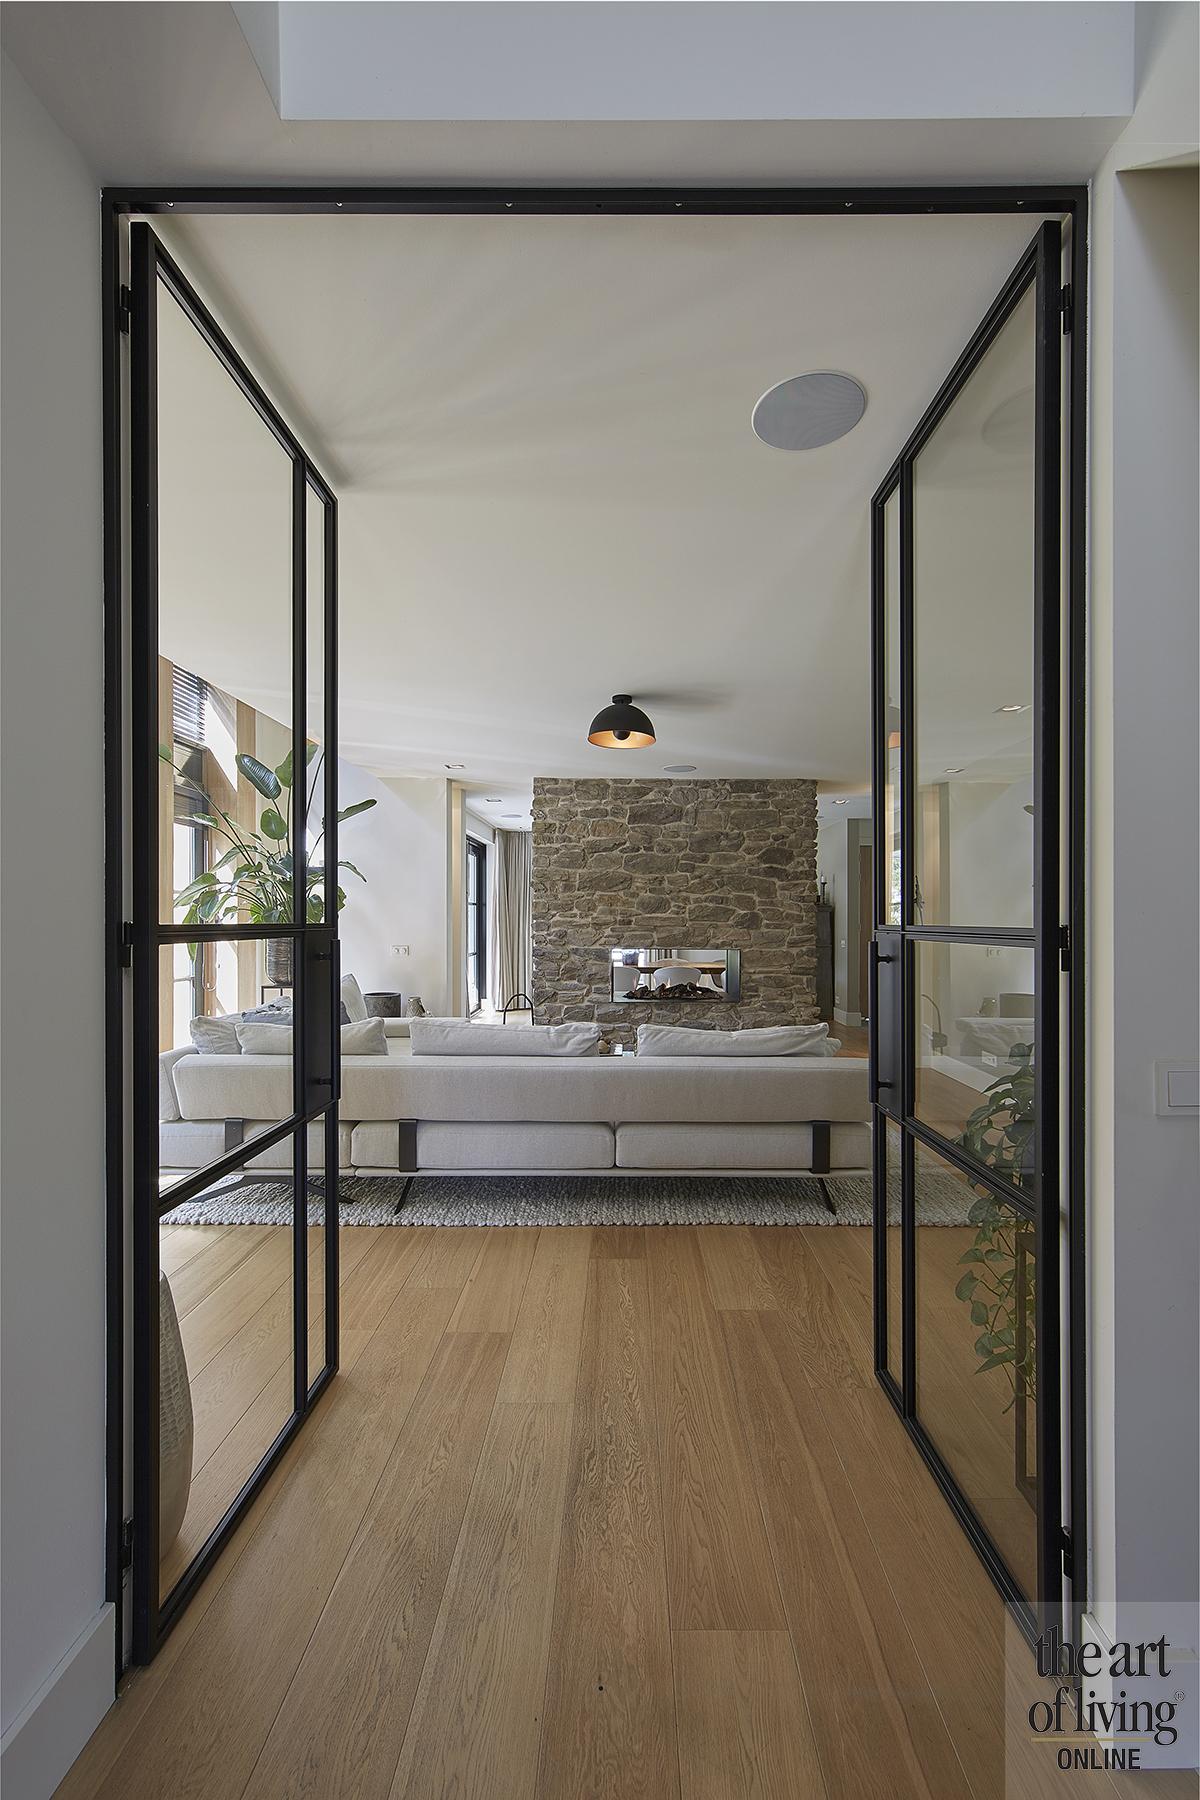 landelijk interieur, 01 architecten, moderne architectuur, luxe, stalen deur, the art of living